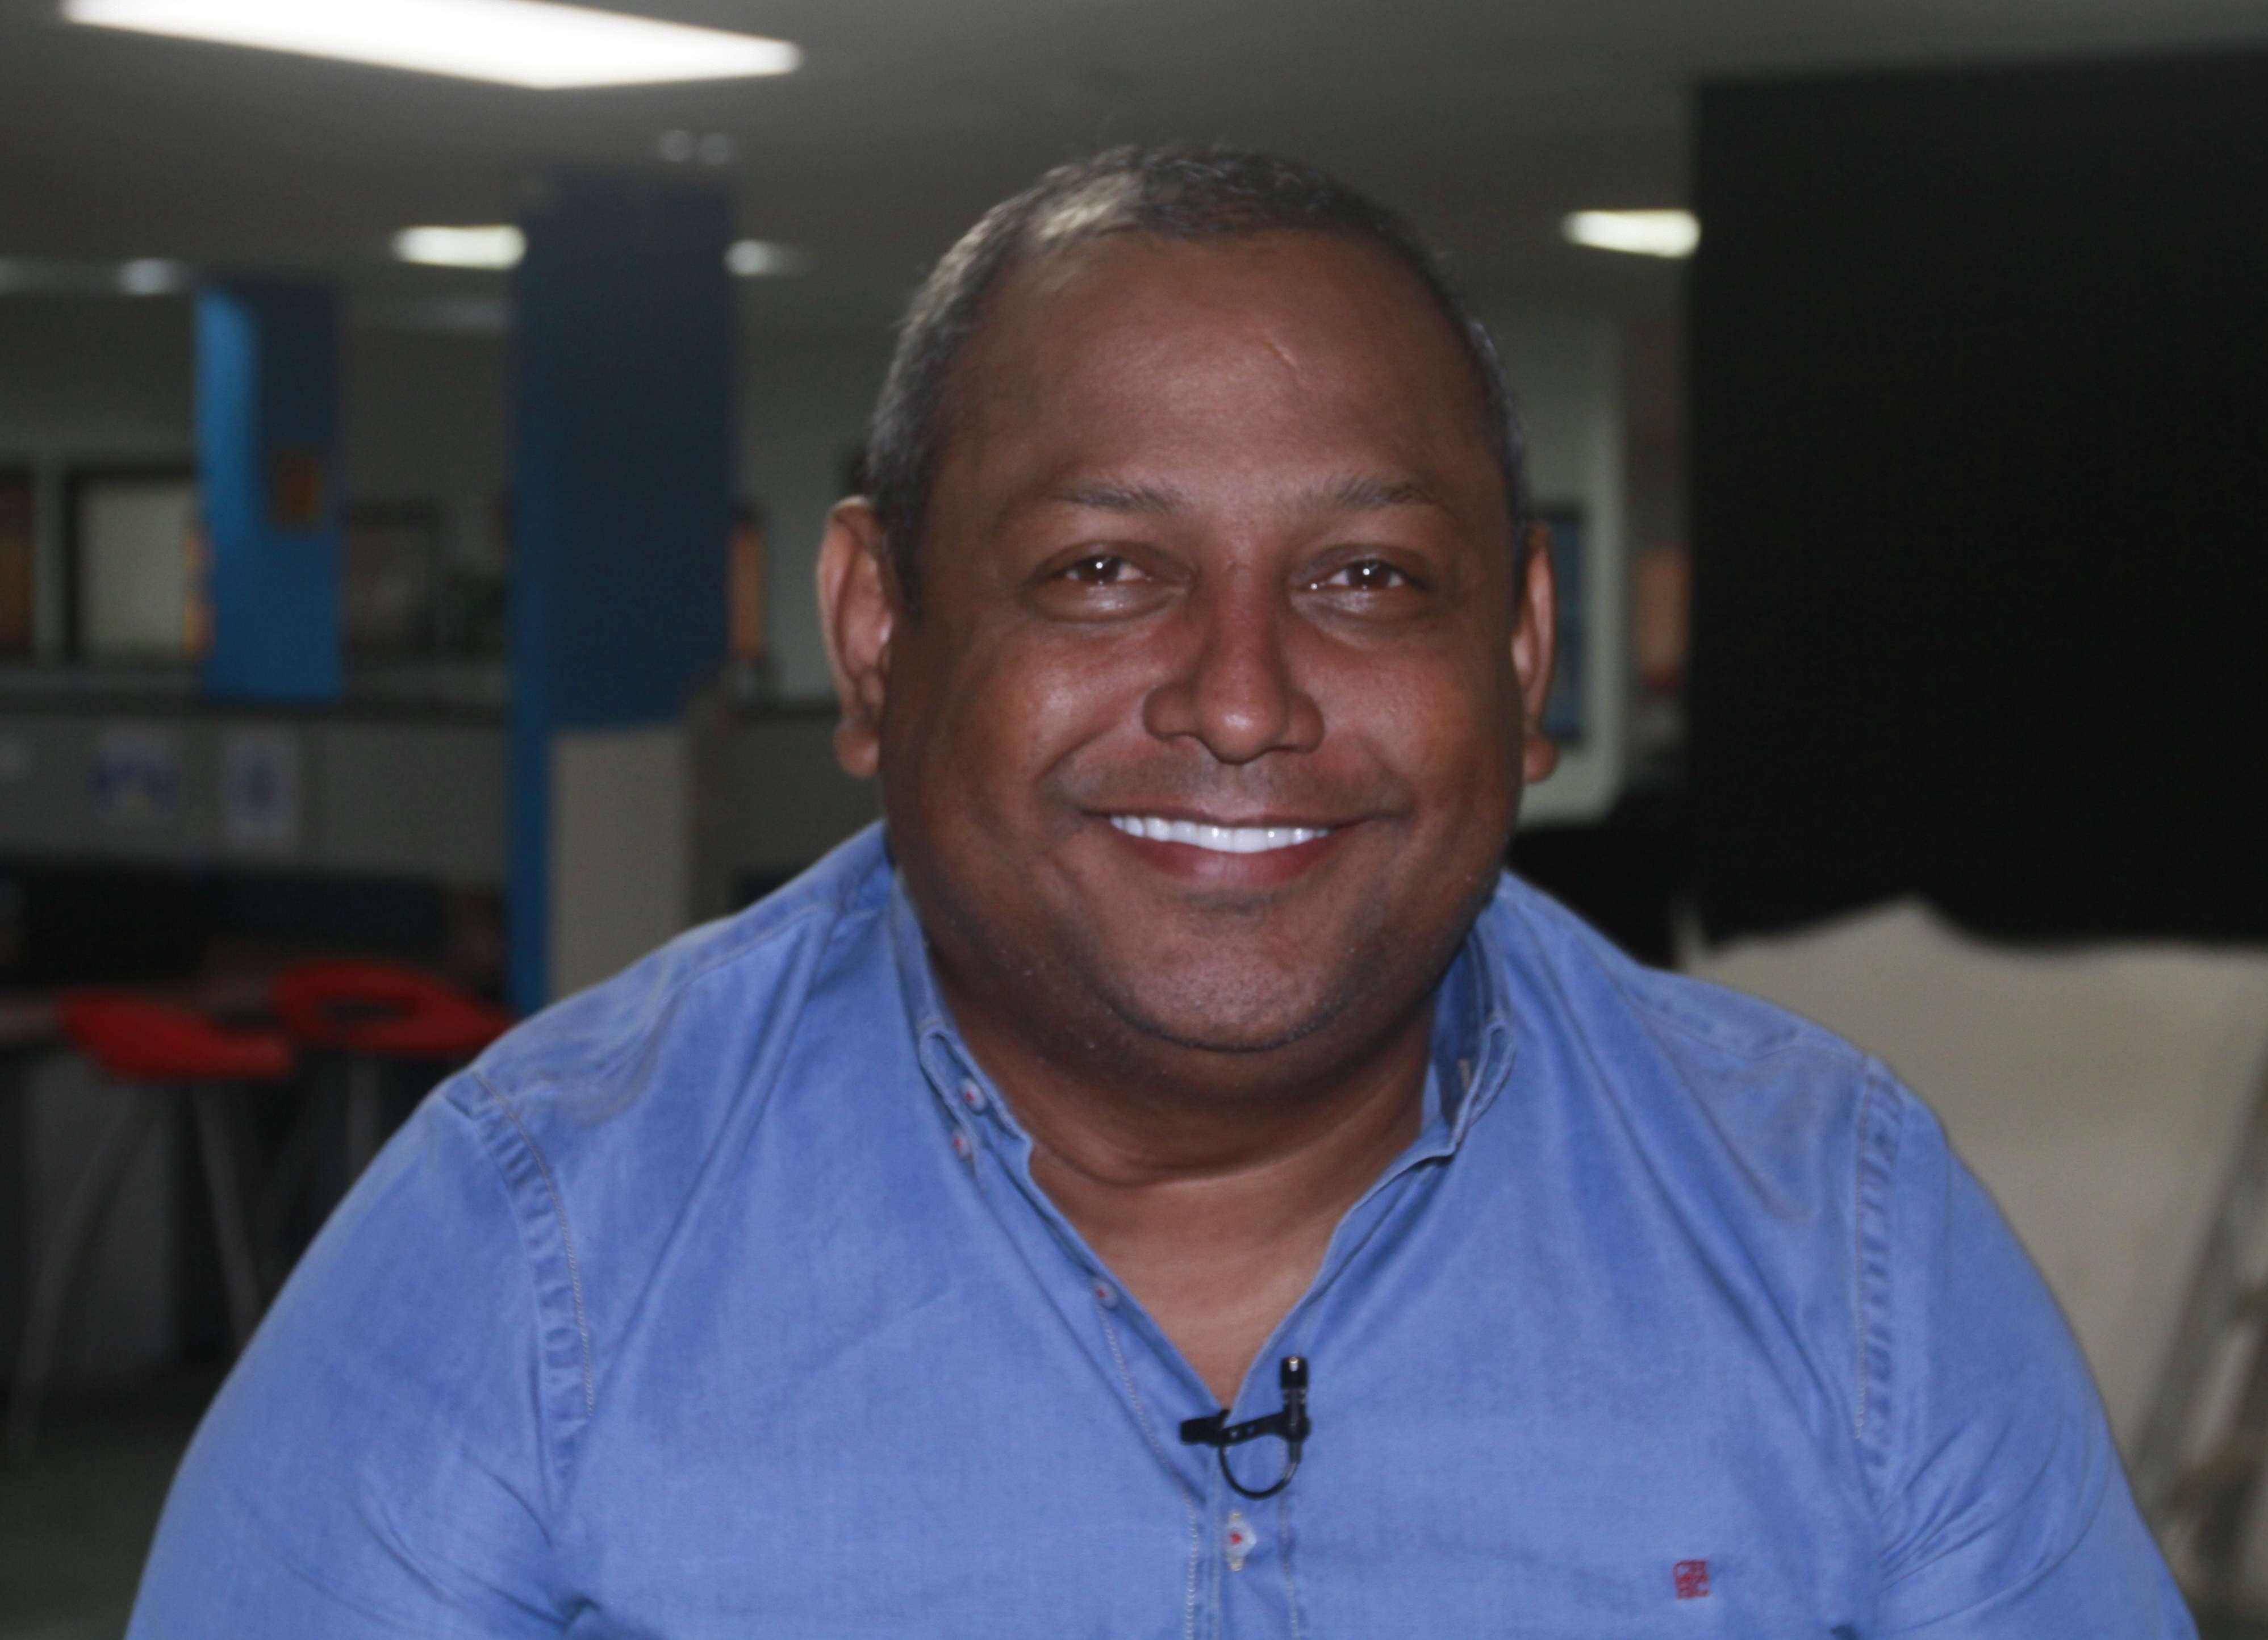 El diputado Raúl Pineda recuerda sus años mojos... Suéltalo Dj. Foto/ Video: Edwards Santos